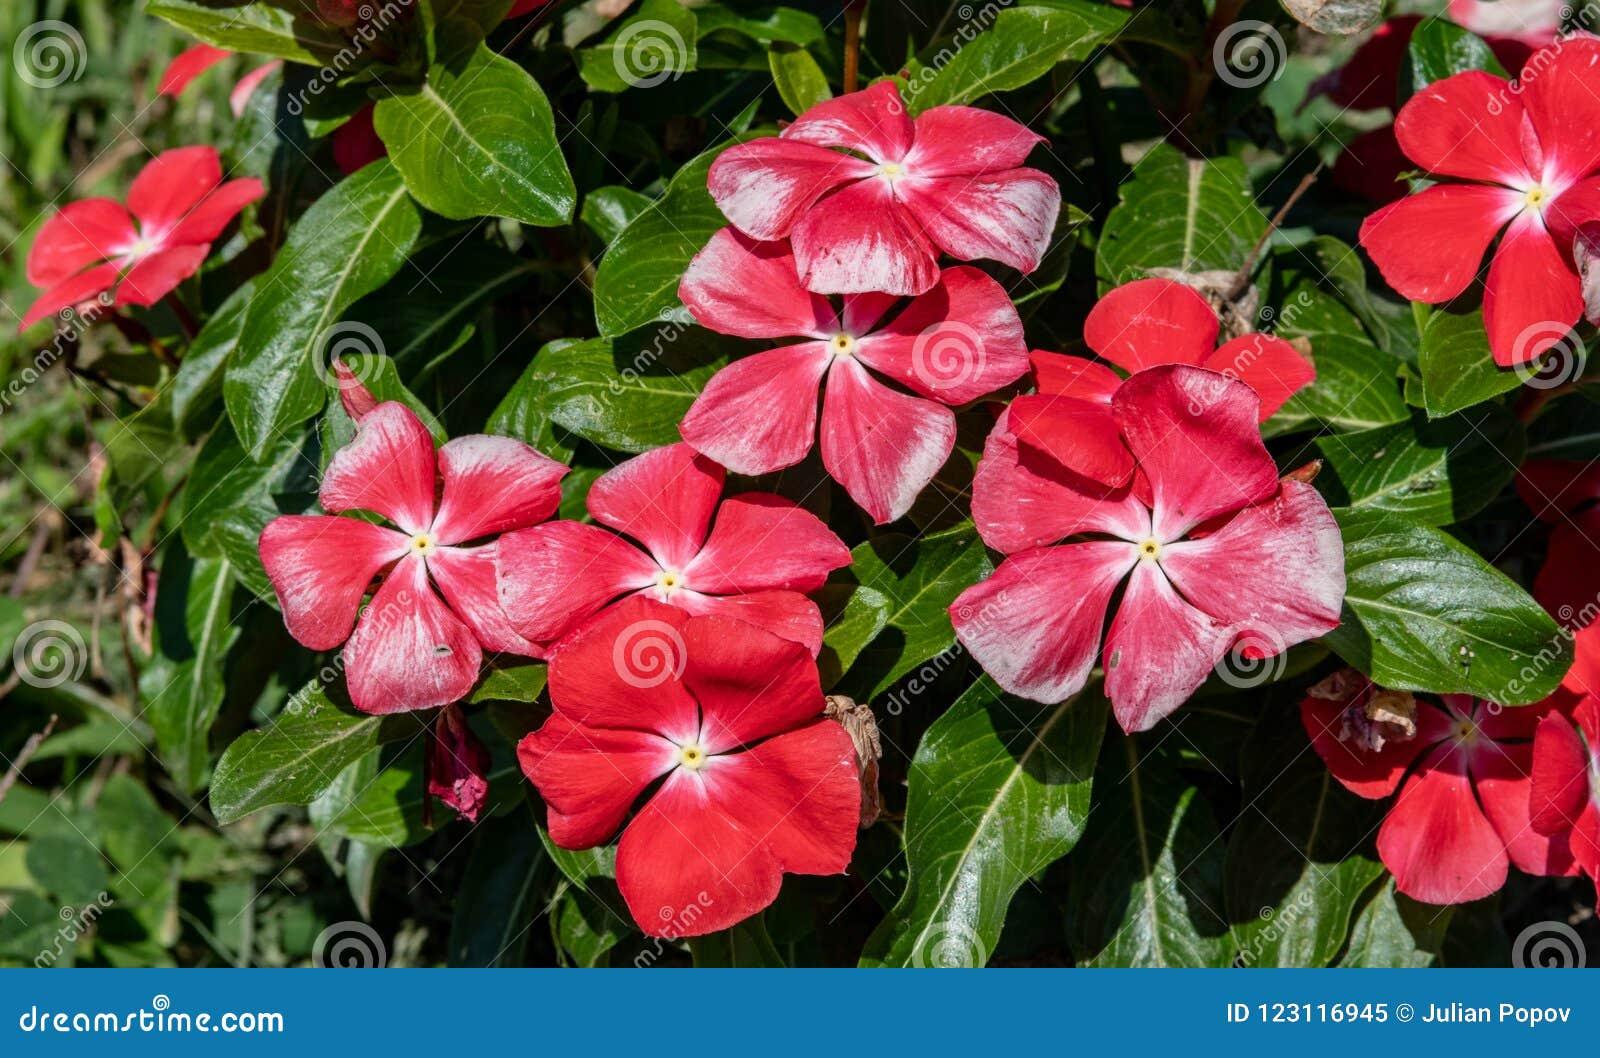 Catharanthus Roseus, Vinca Flower,Madagascar Periwinkle ...